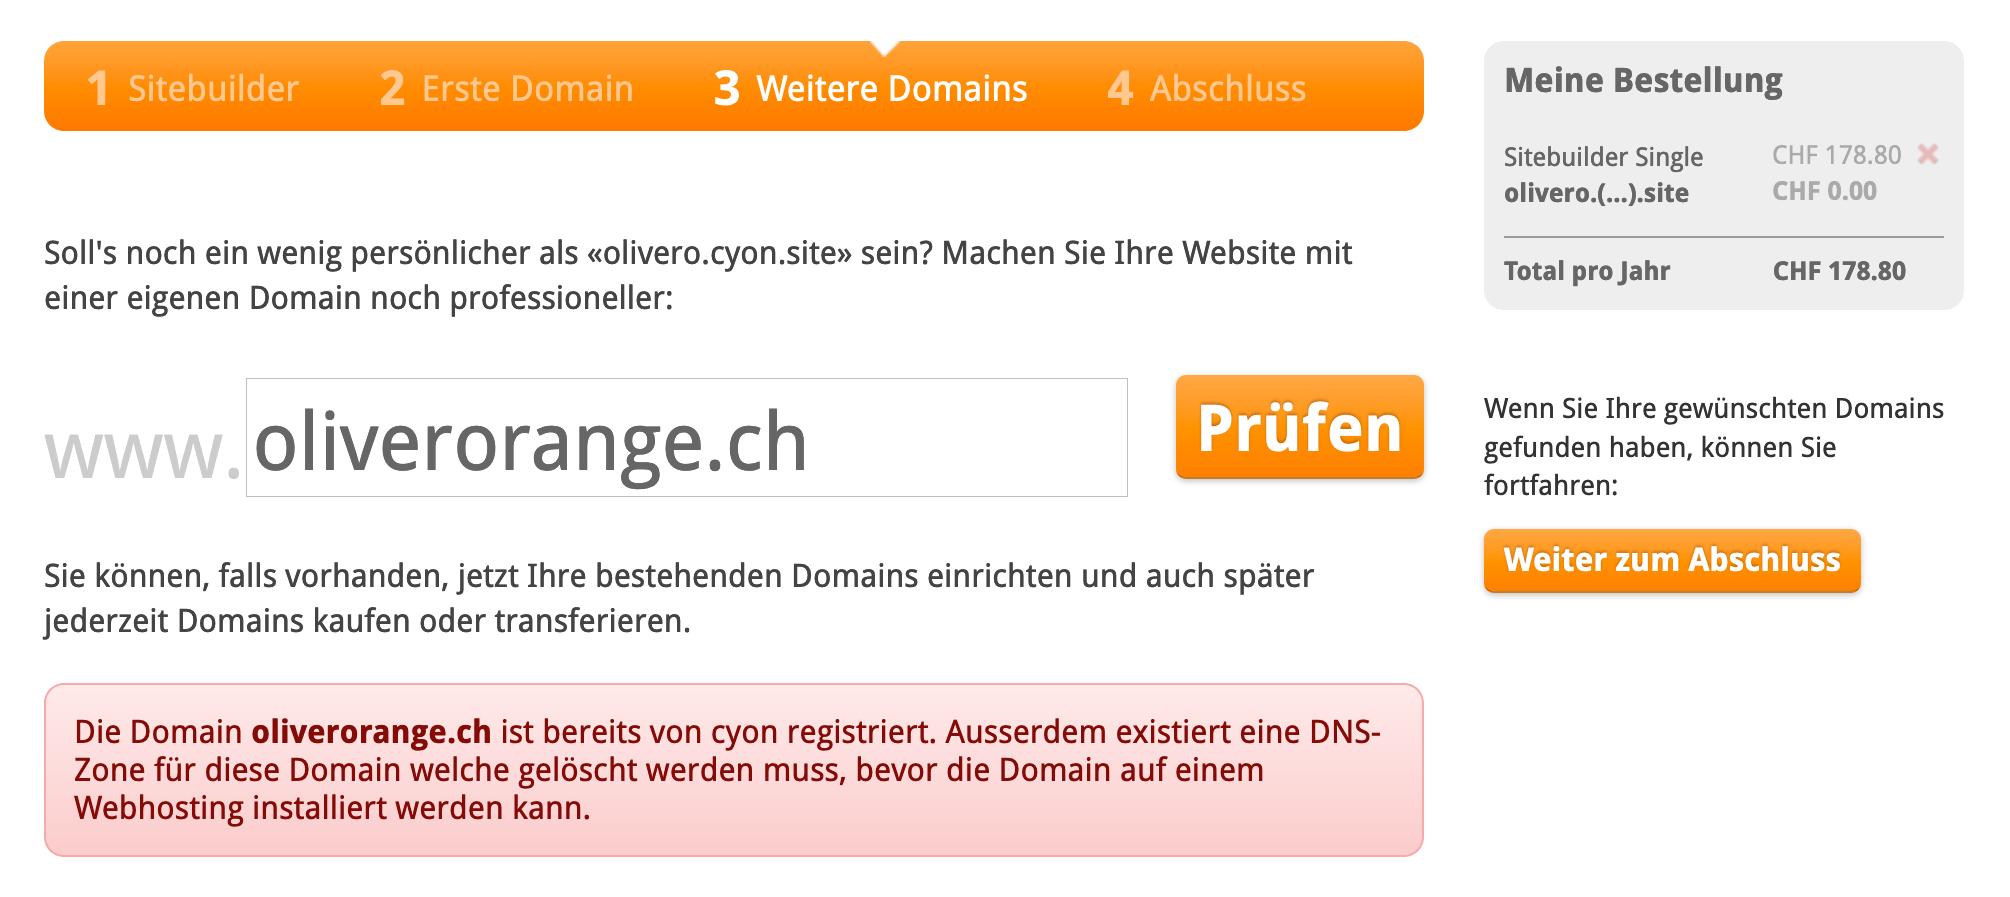 Ihre Domain ist bereits bei uns eingerichtet